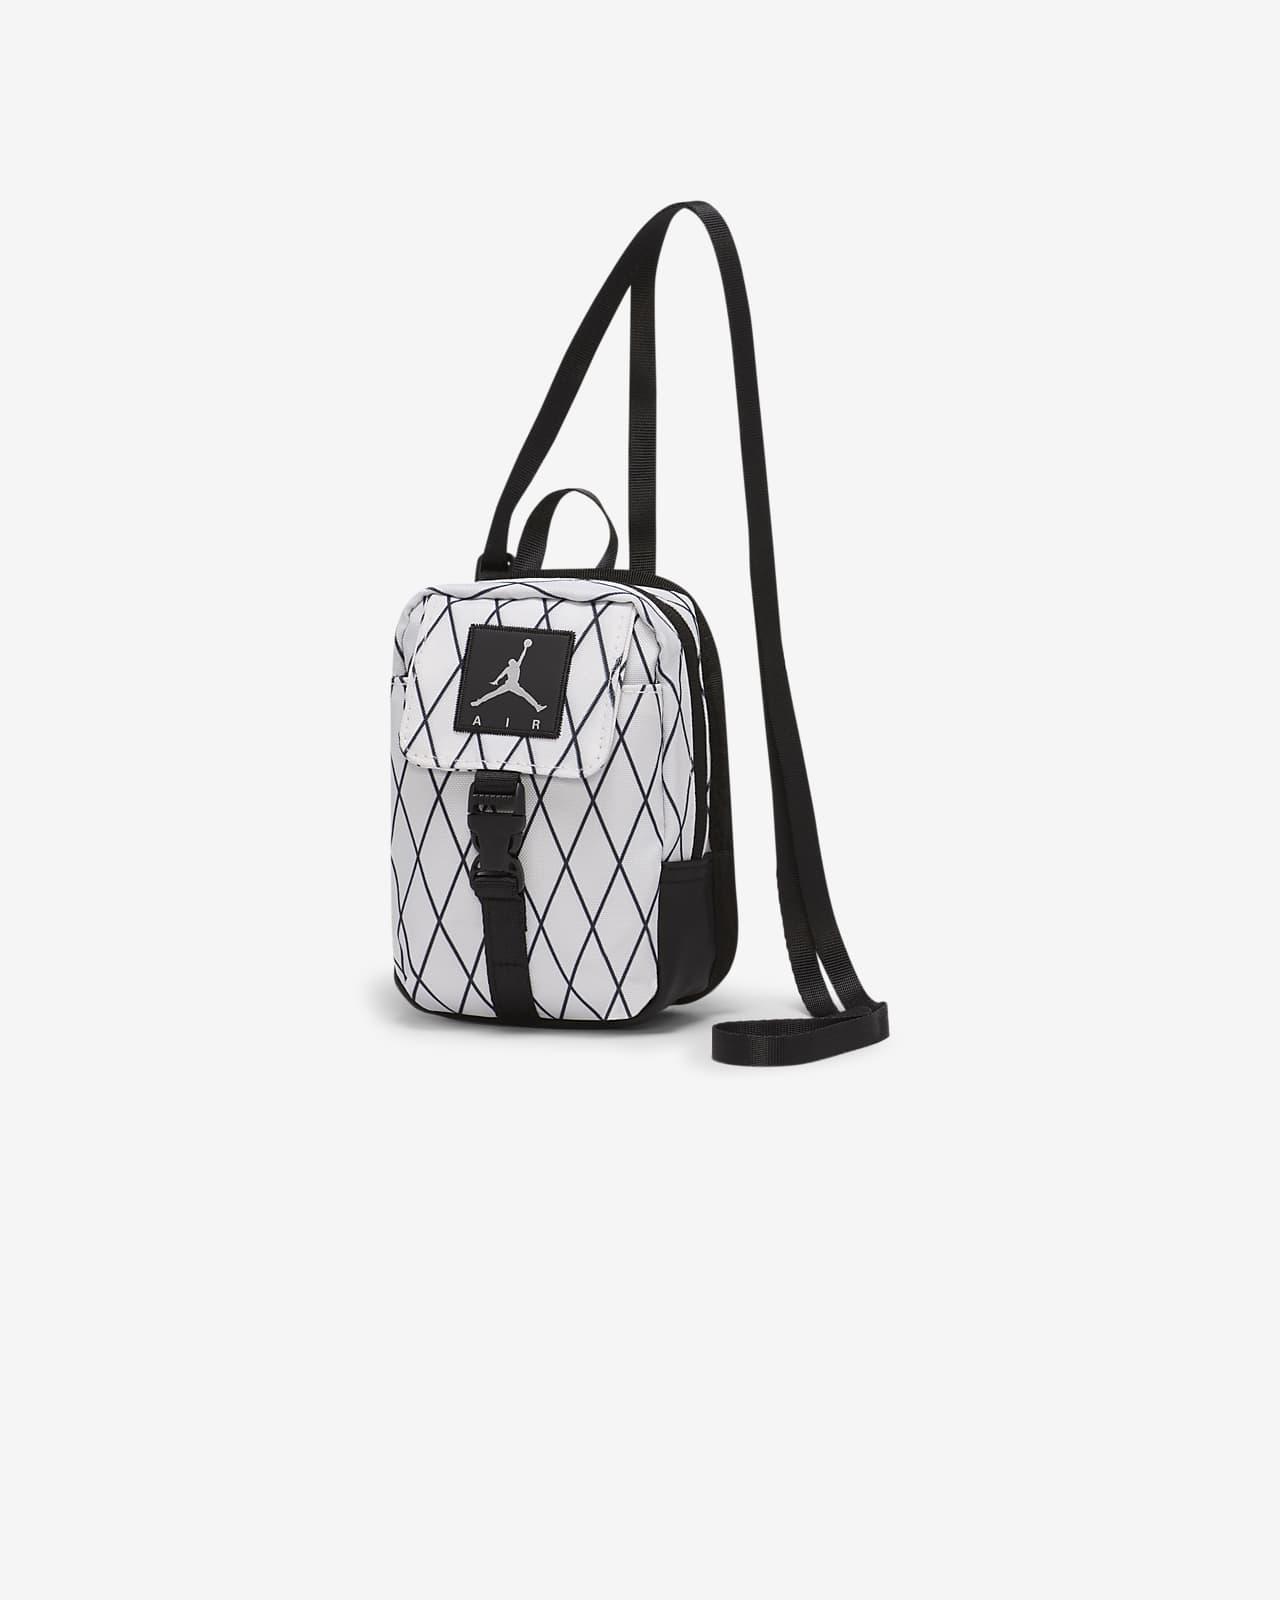 Jordan Bag (Small)